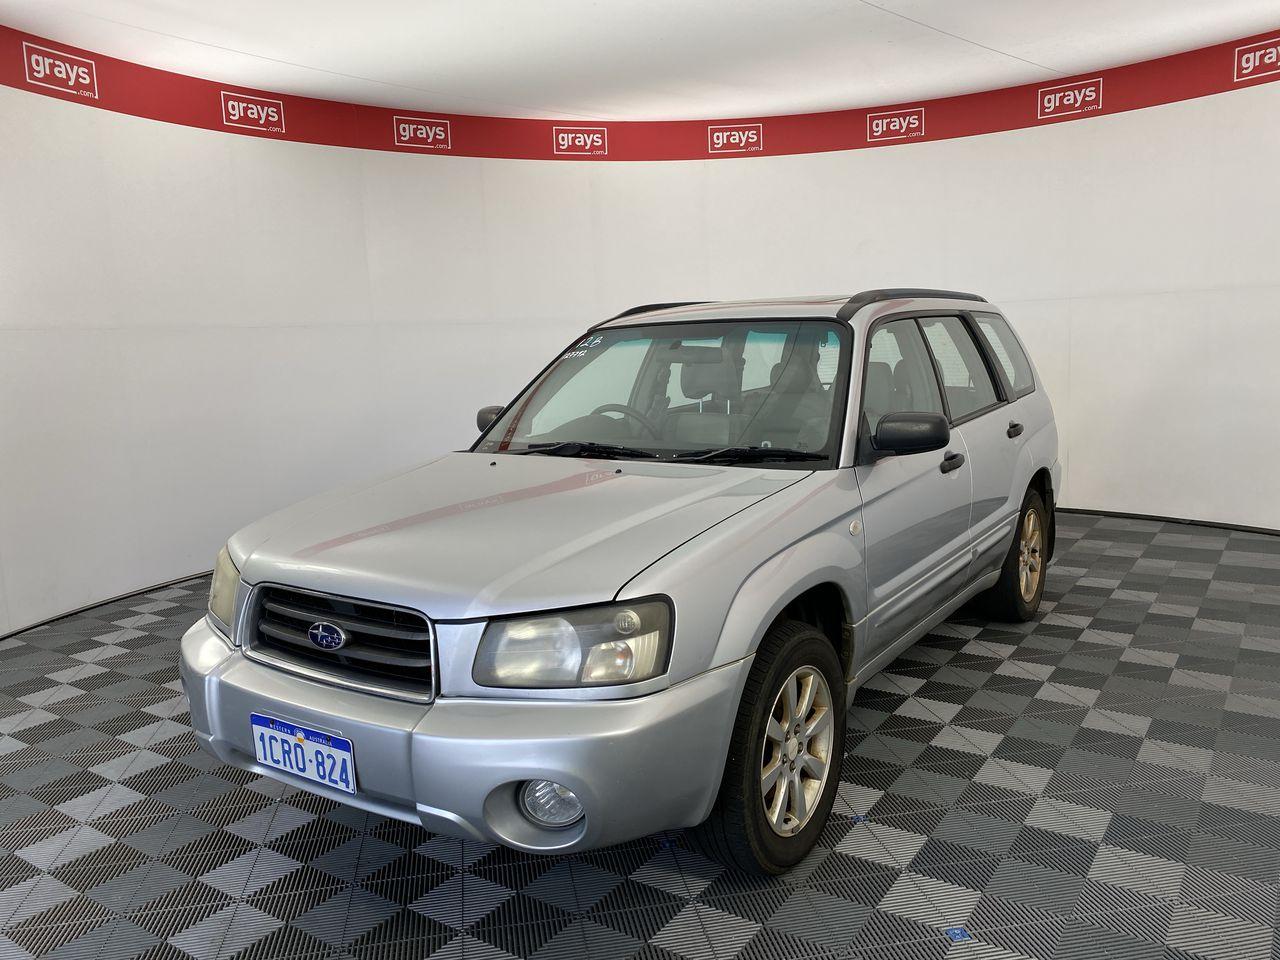 2004 Subaru Forester XS Luxury Manual Wagon